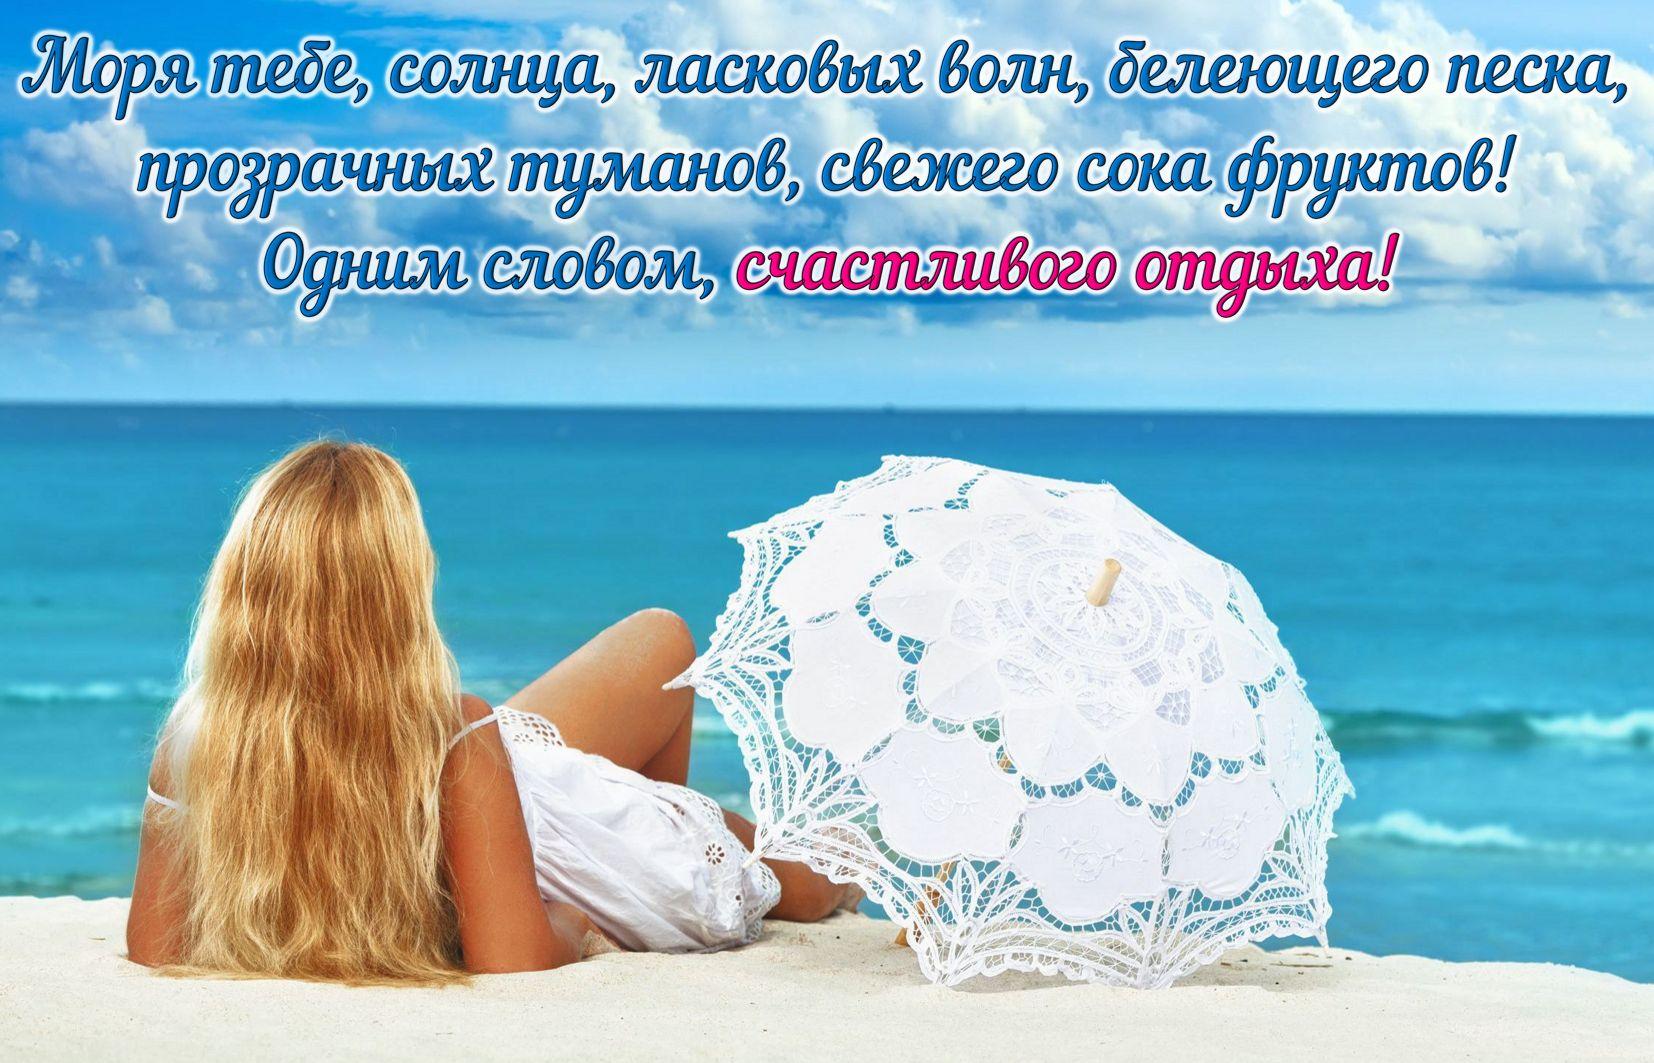 Открытка к отпуску - девушка с зонтиком на пляже у моря